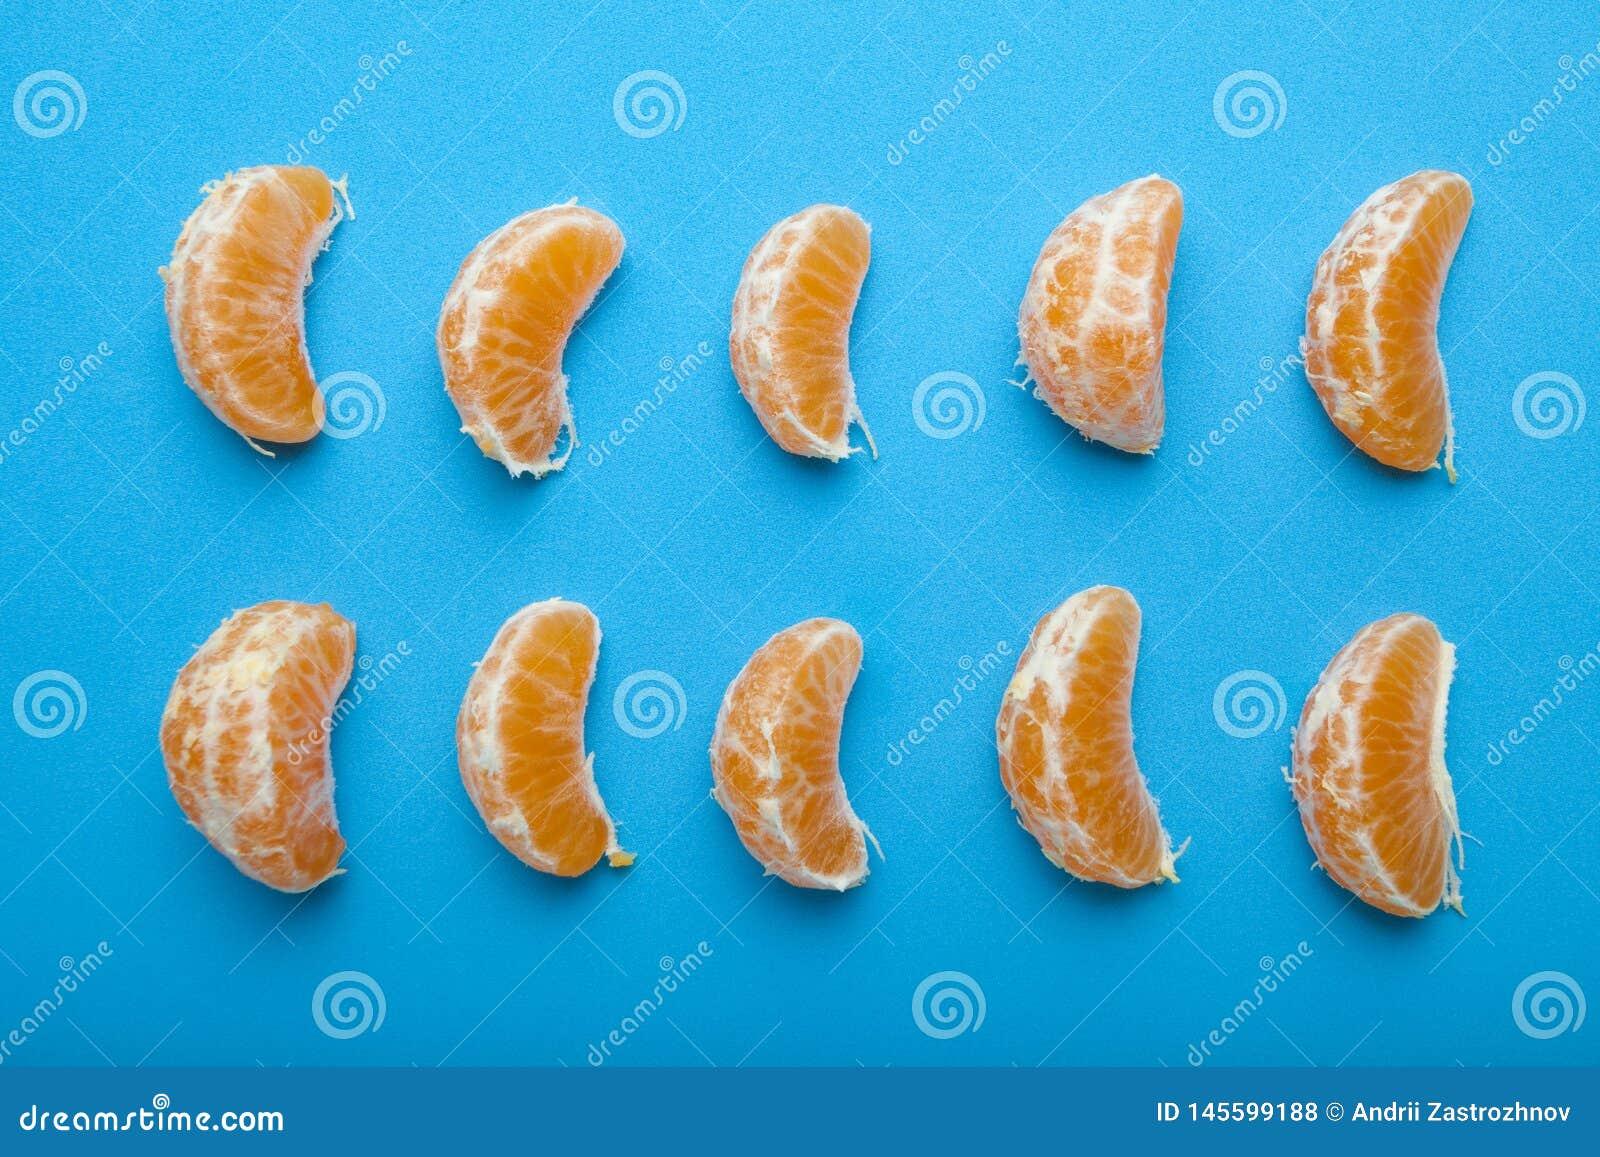 Mandarine plak op blauwe achtergrond Reeks van rijpe mandarine plak